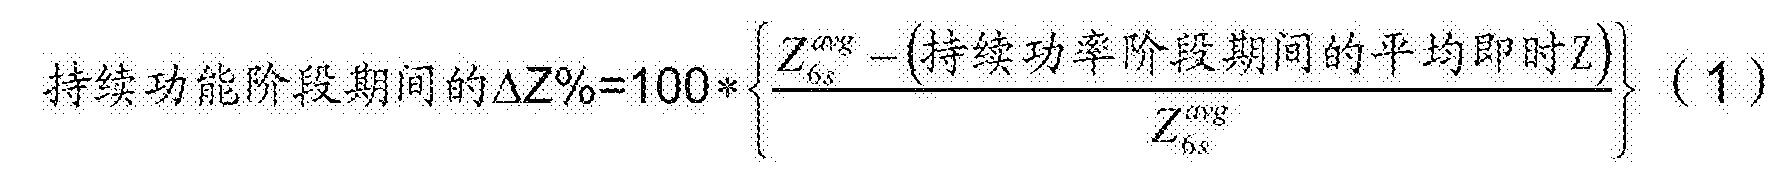 Figure CN103313671BD00141